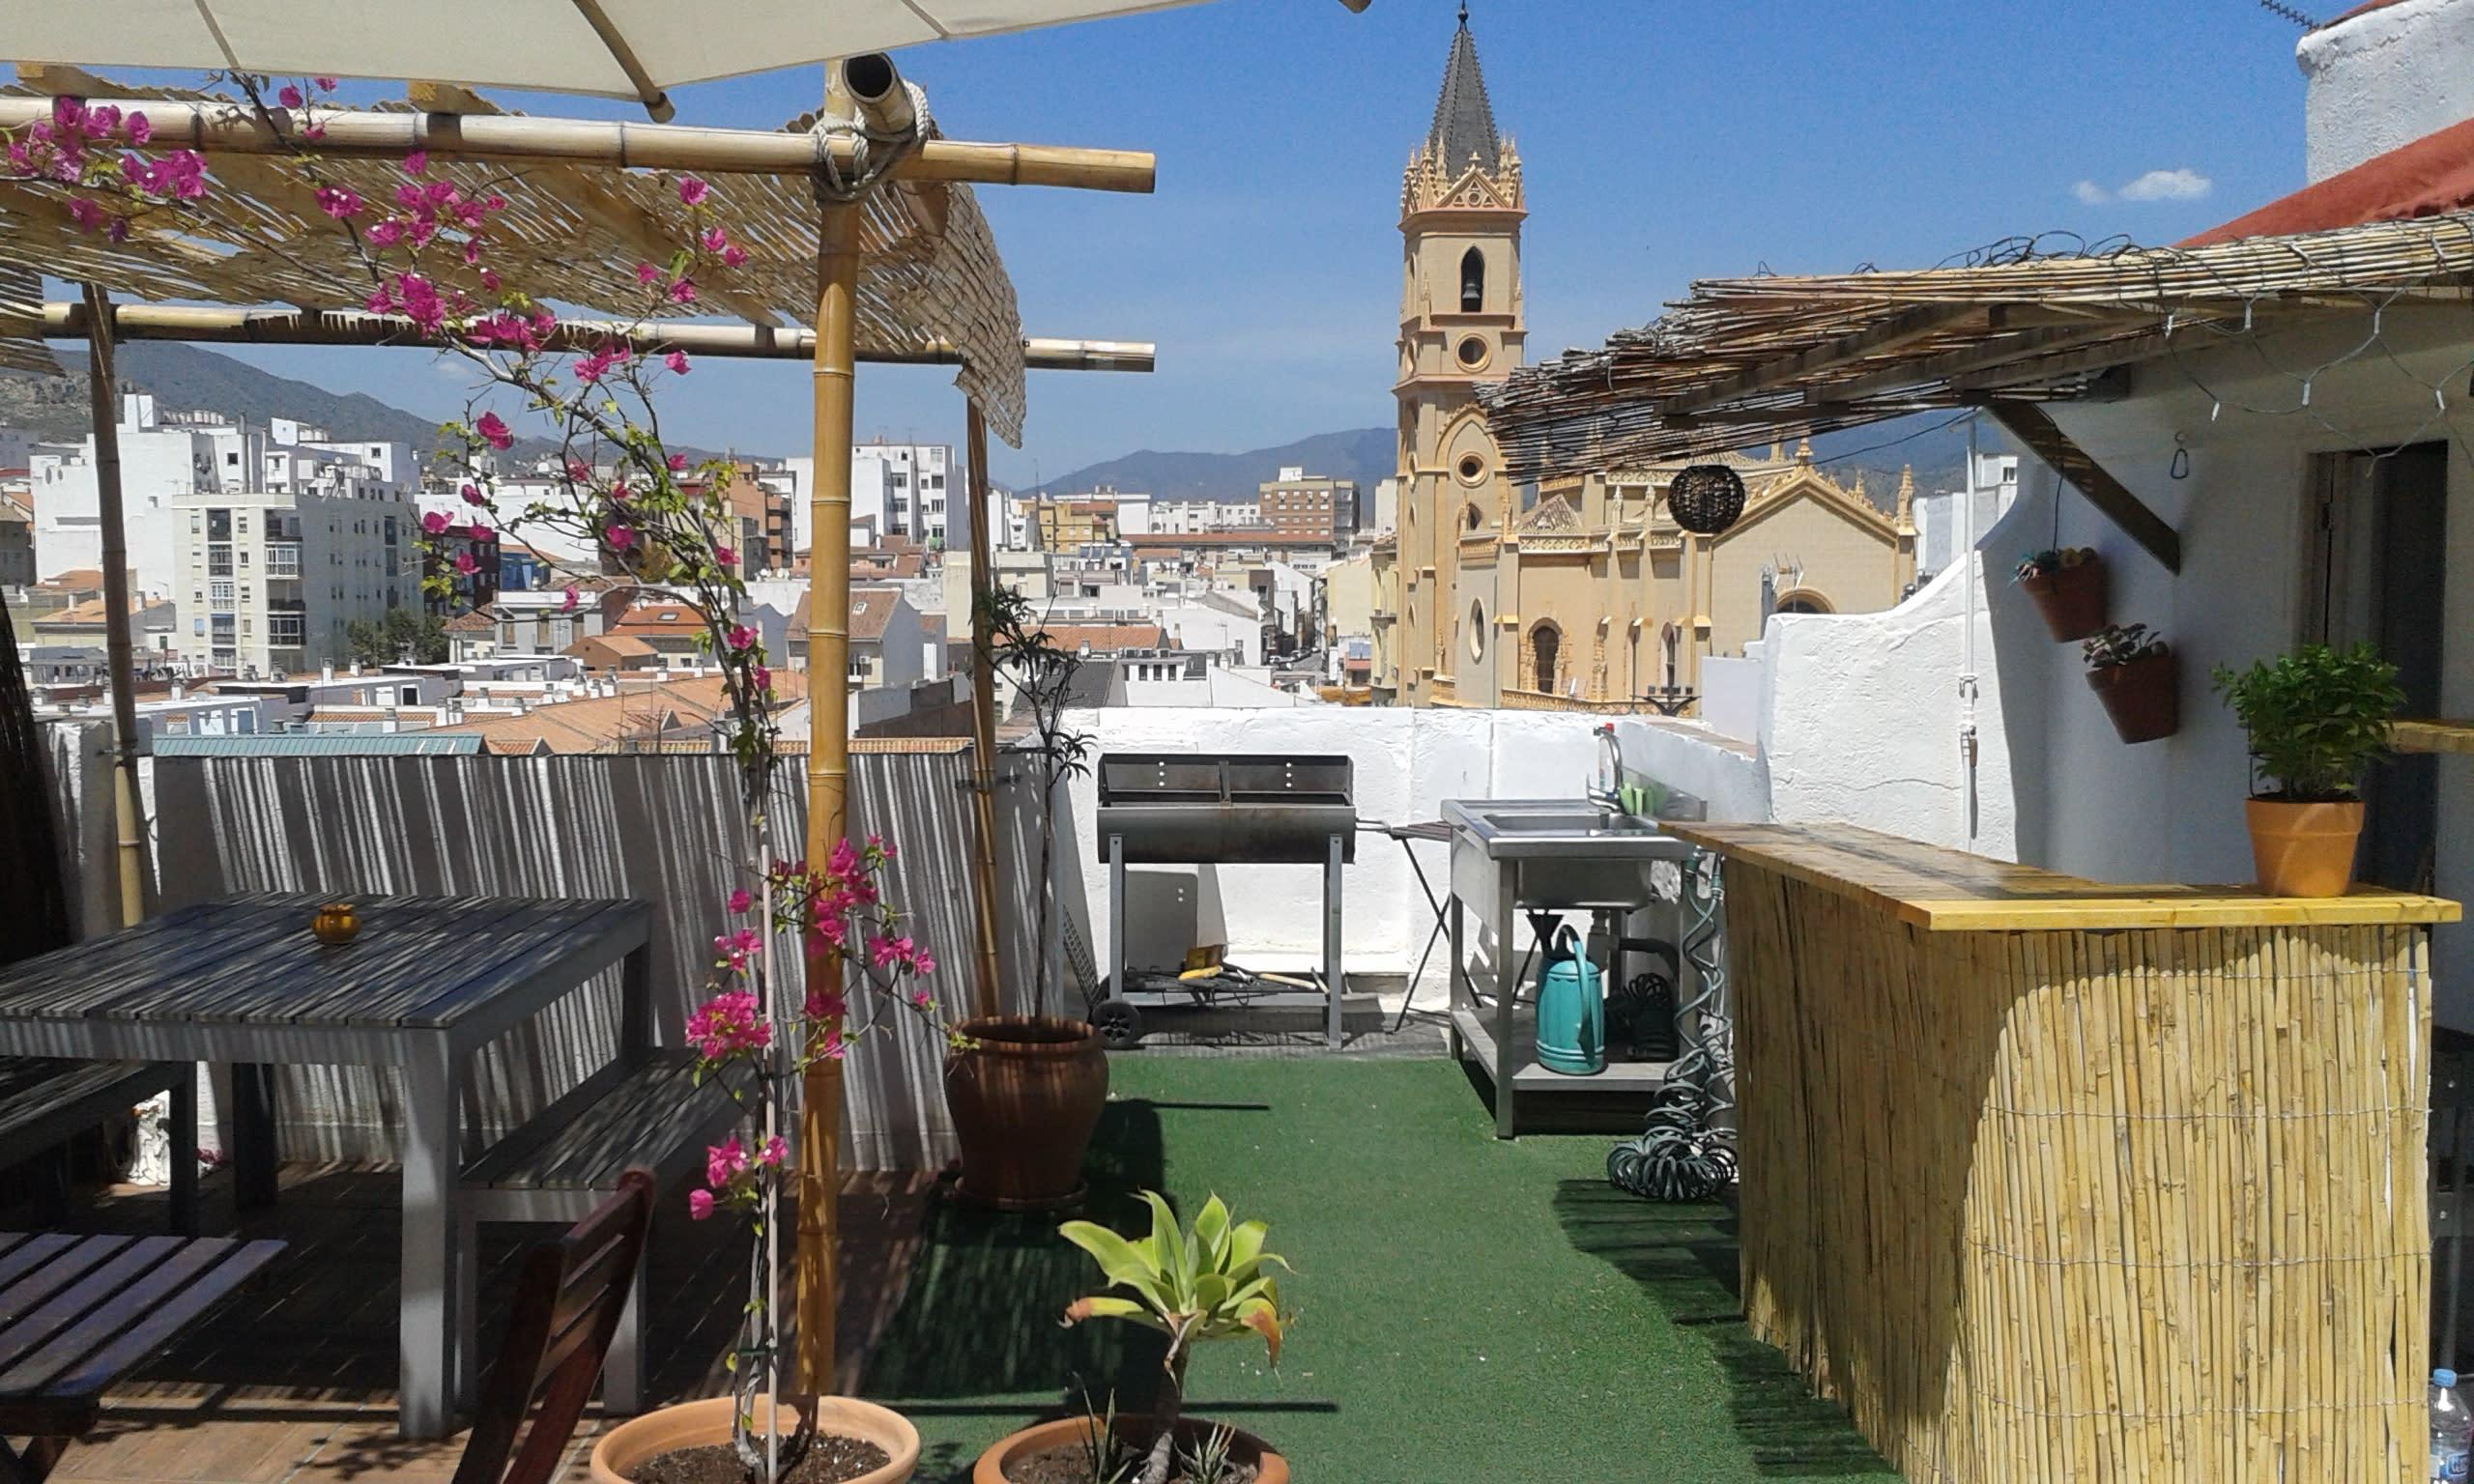 Casa Al Sur Terraza In Malaga Best Hostel In Spain An